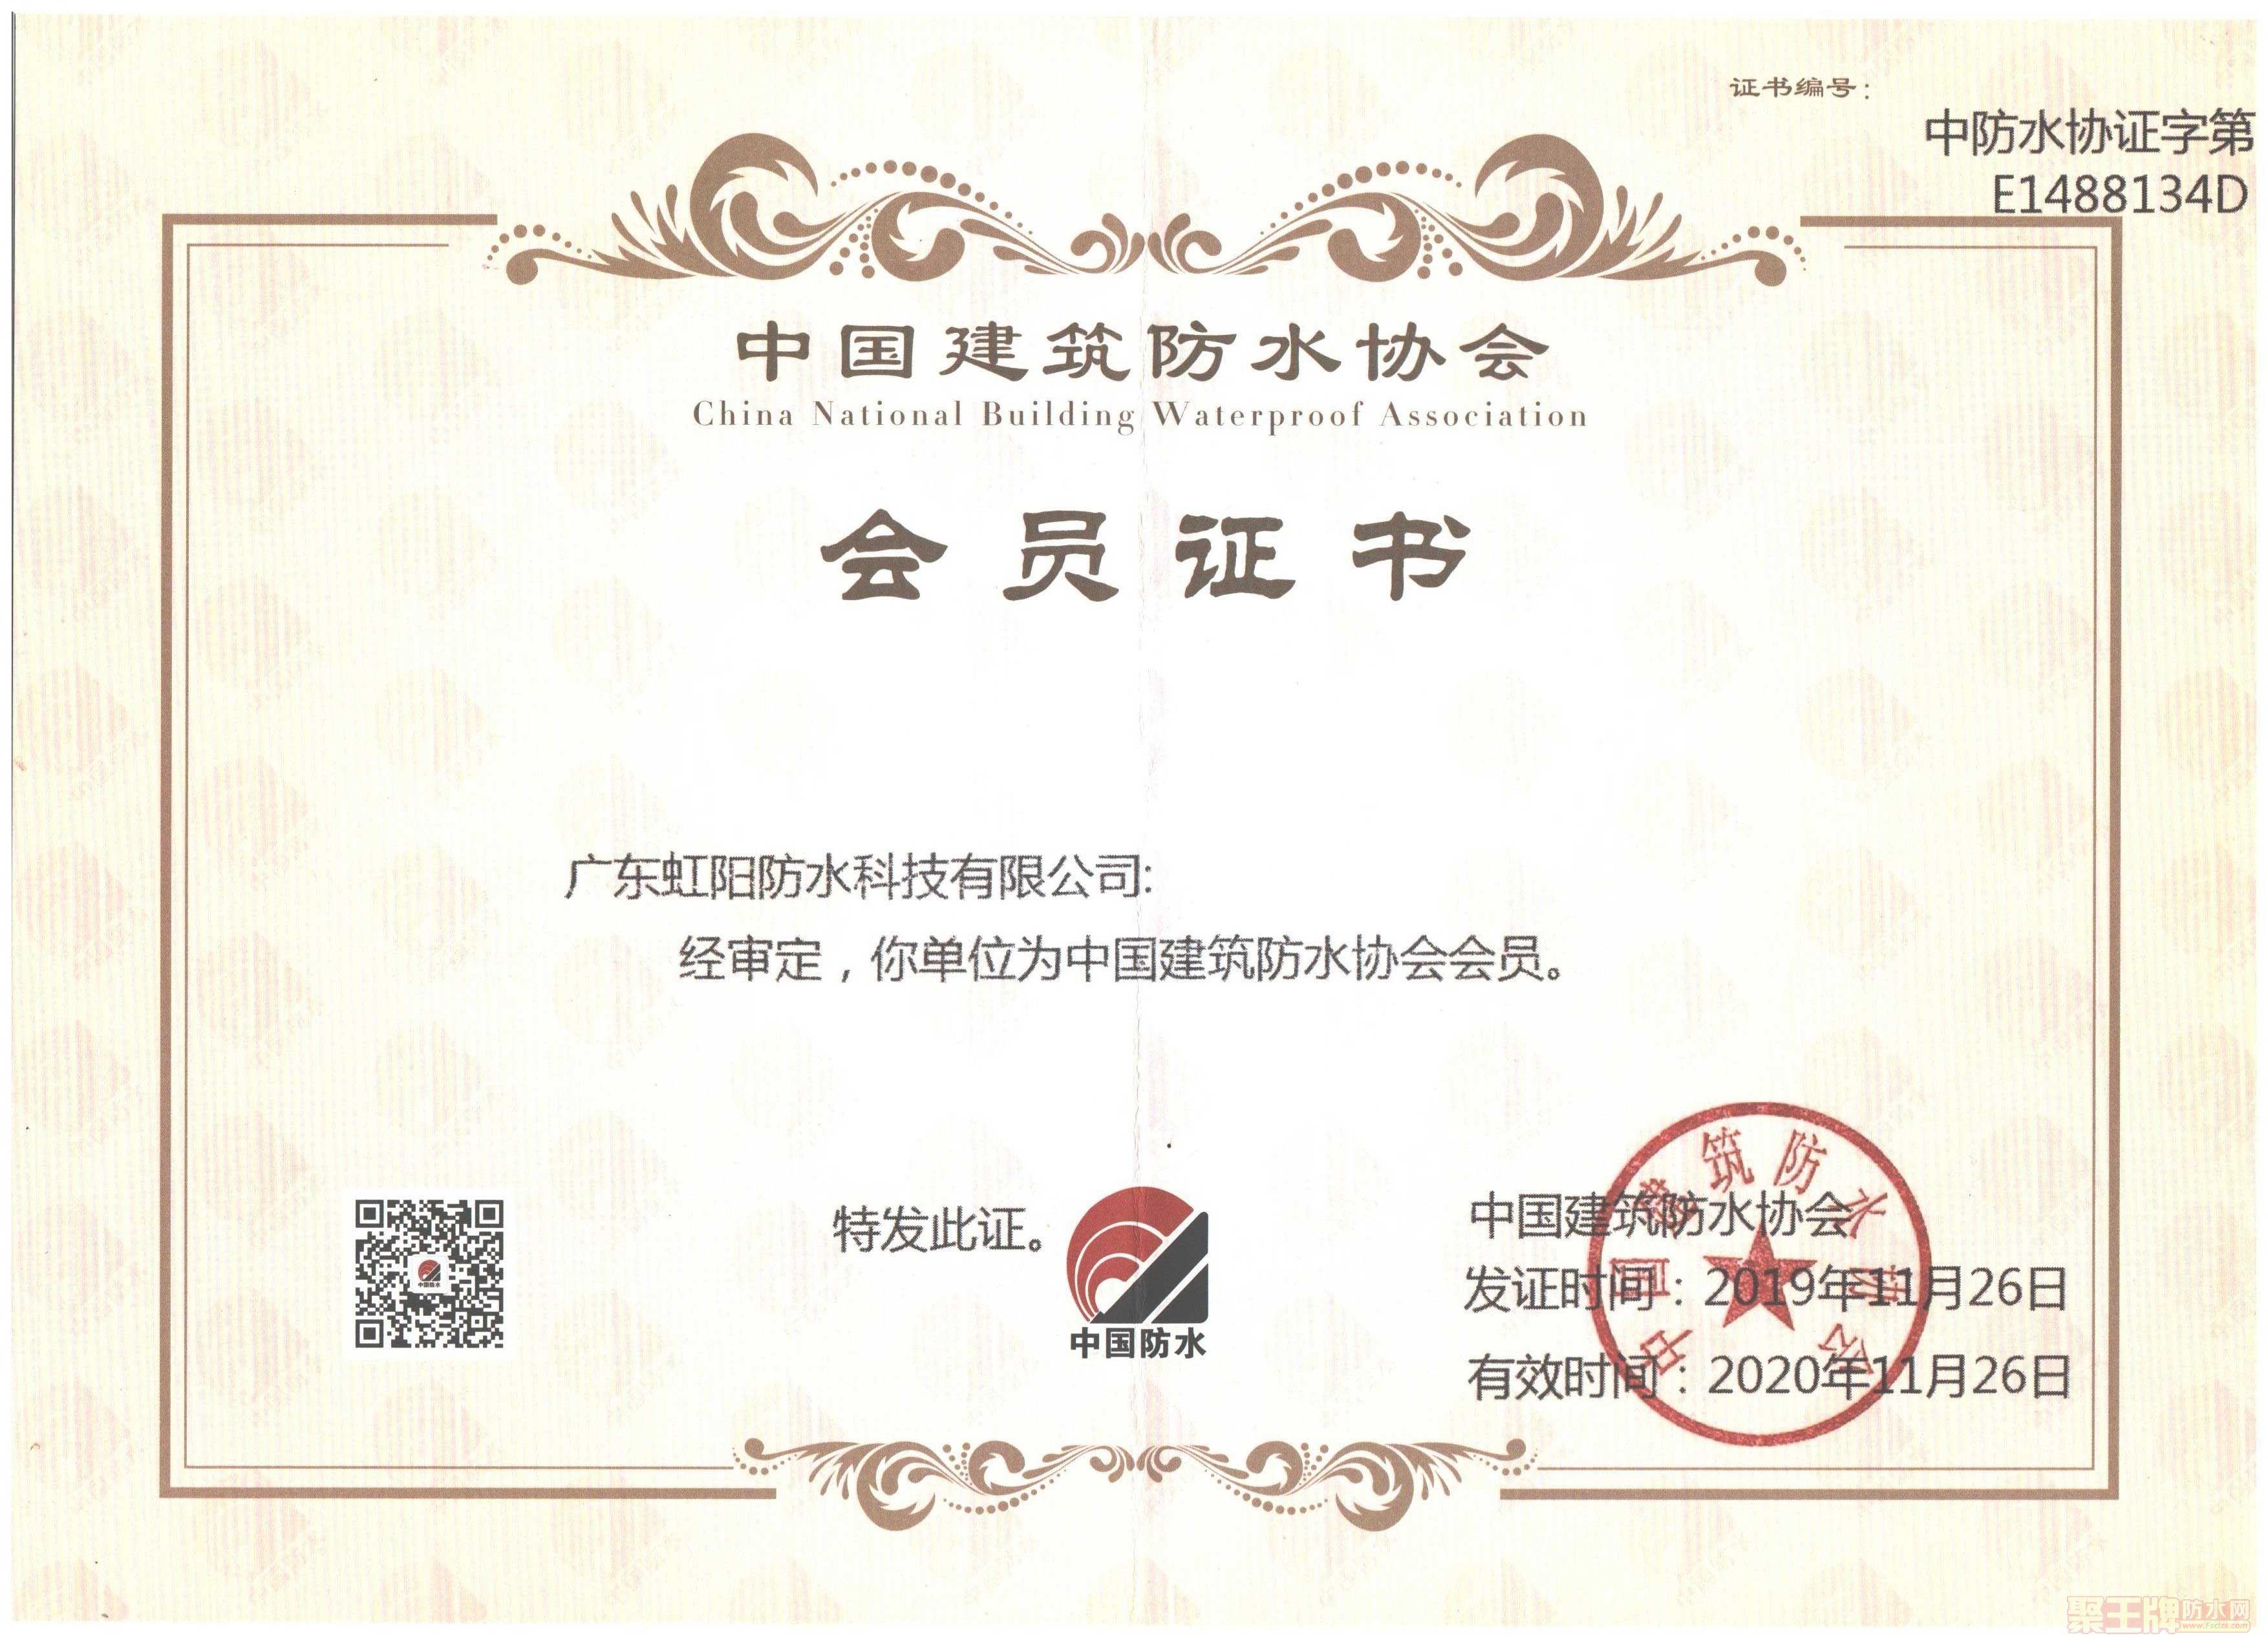 虹阳防水品牌店面形象中国建筑防水协会会员单位